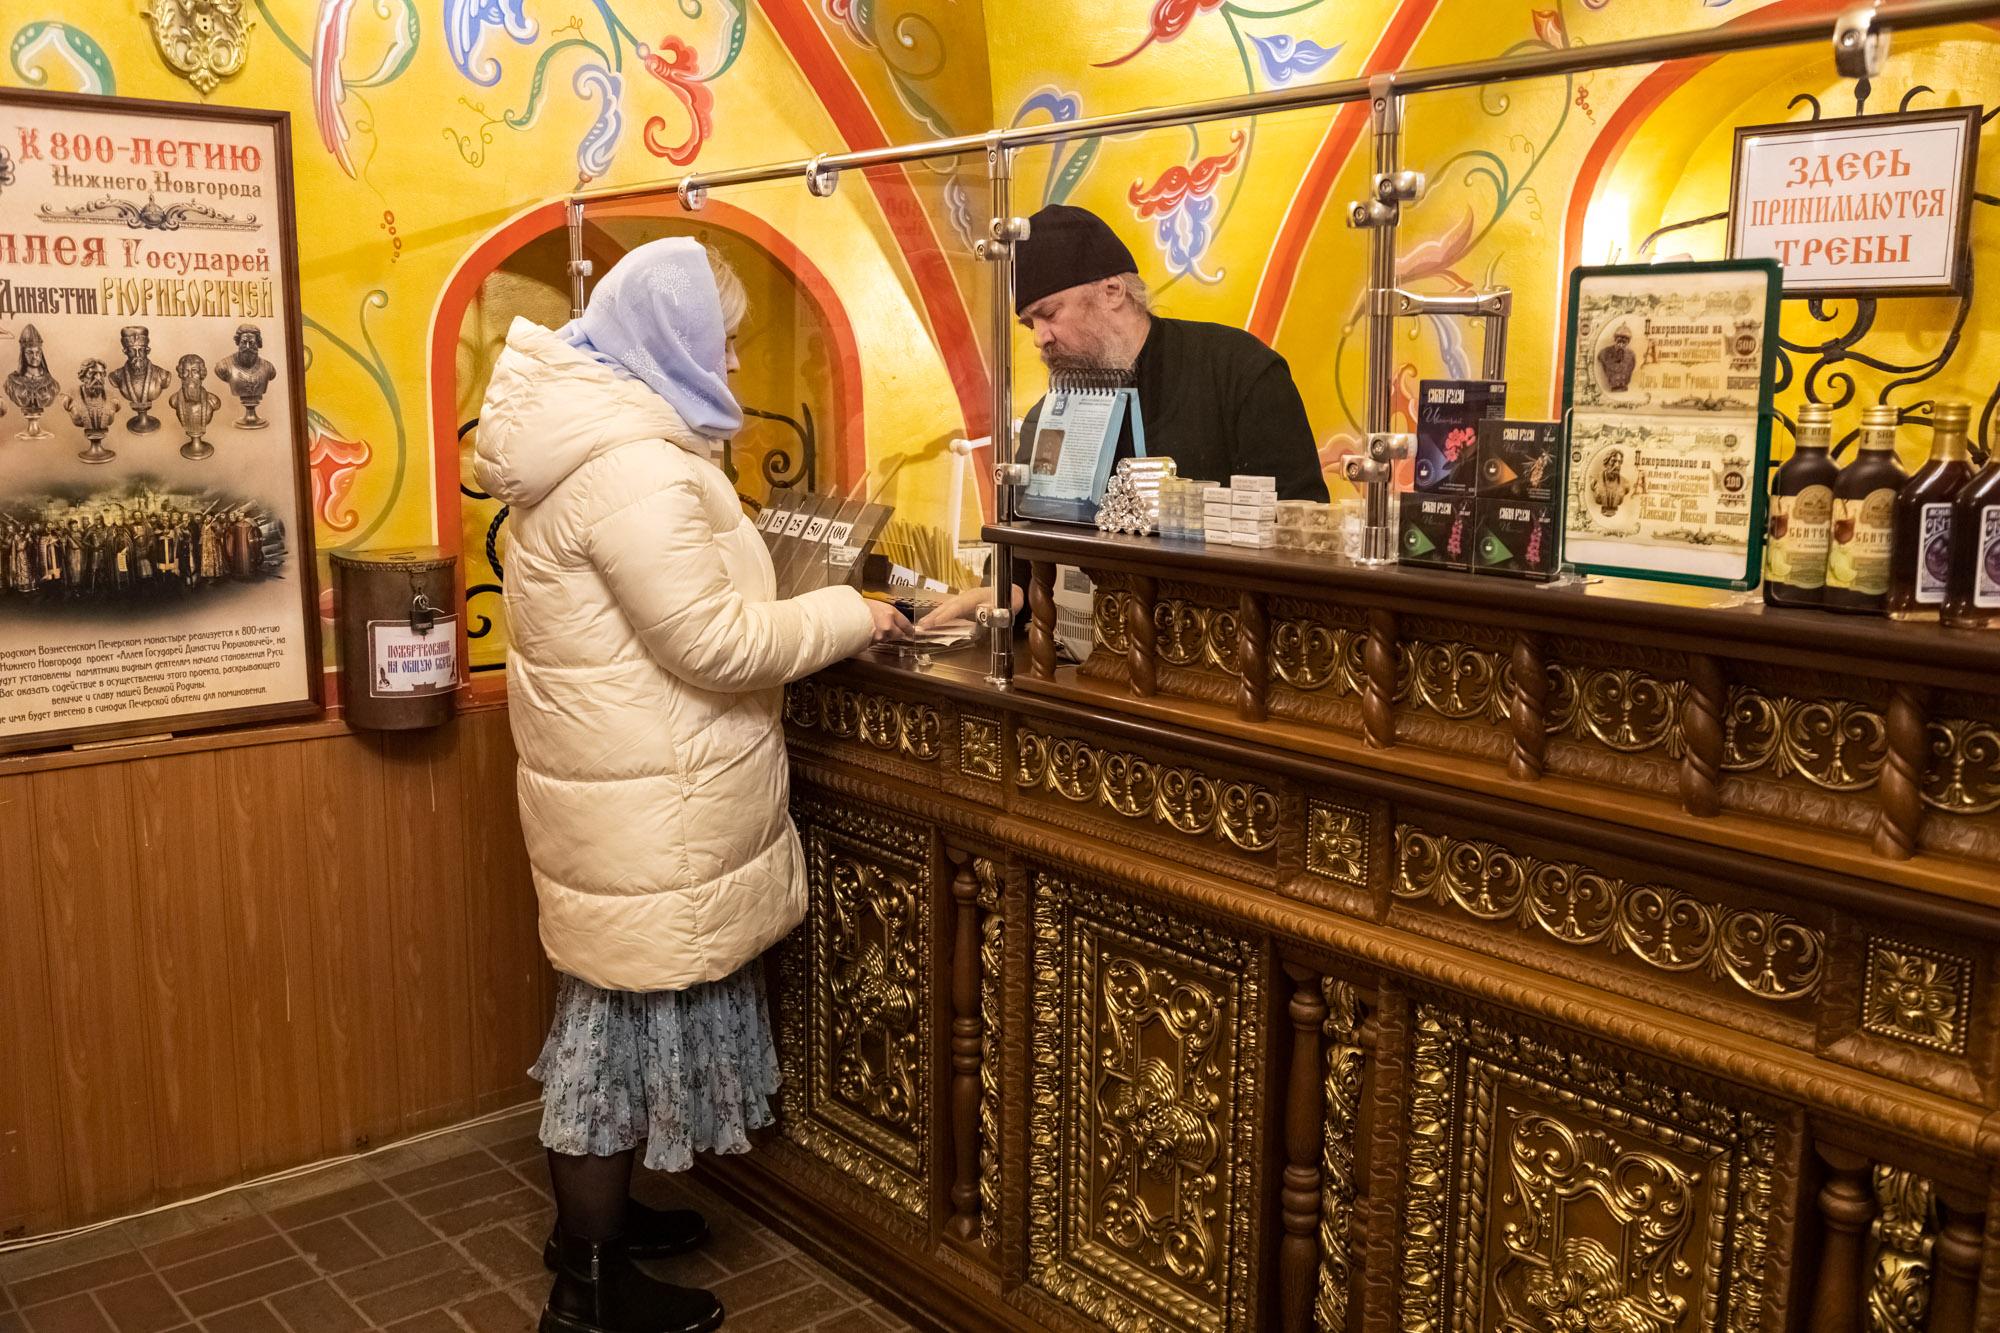 Требы ко дню памяти преподобного Серафима Саровского можно оформить на сайте «Серафимова земля» до 14 января